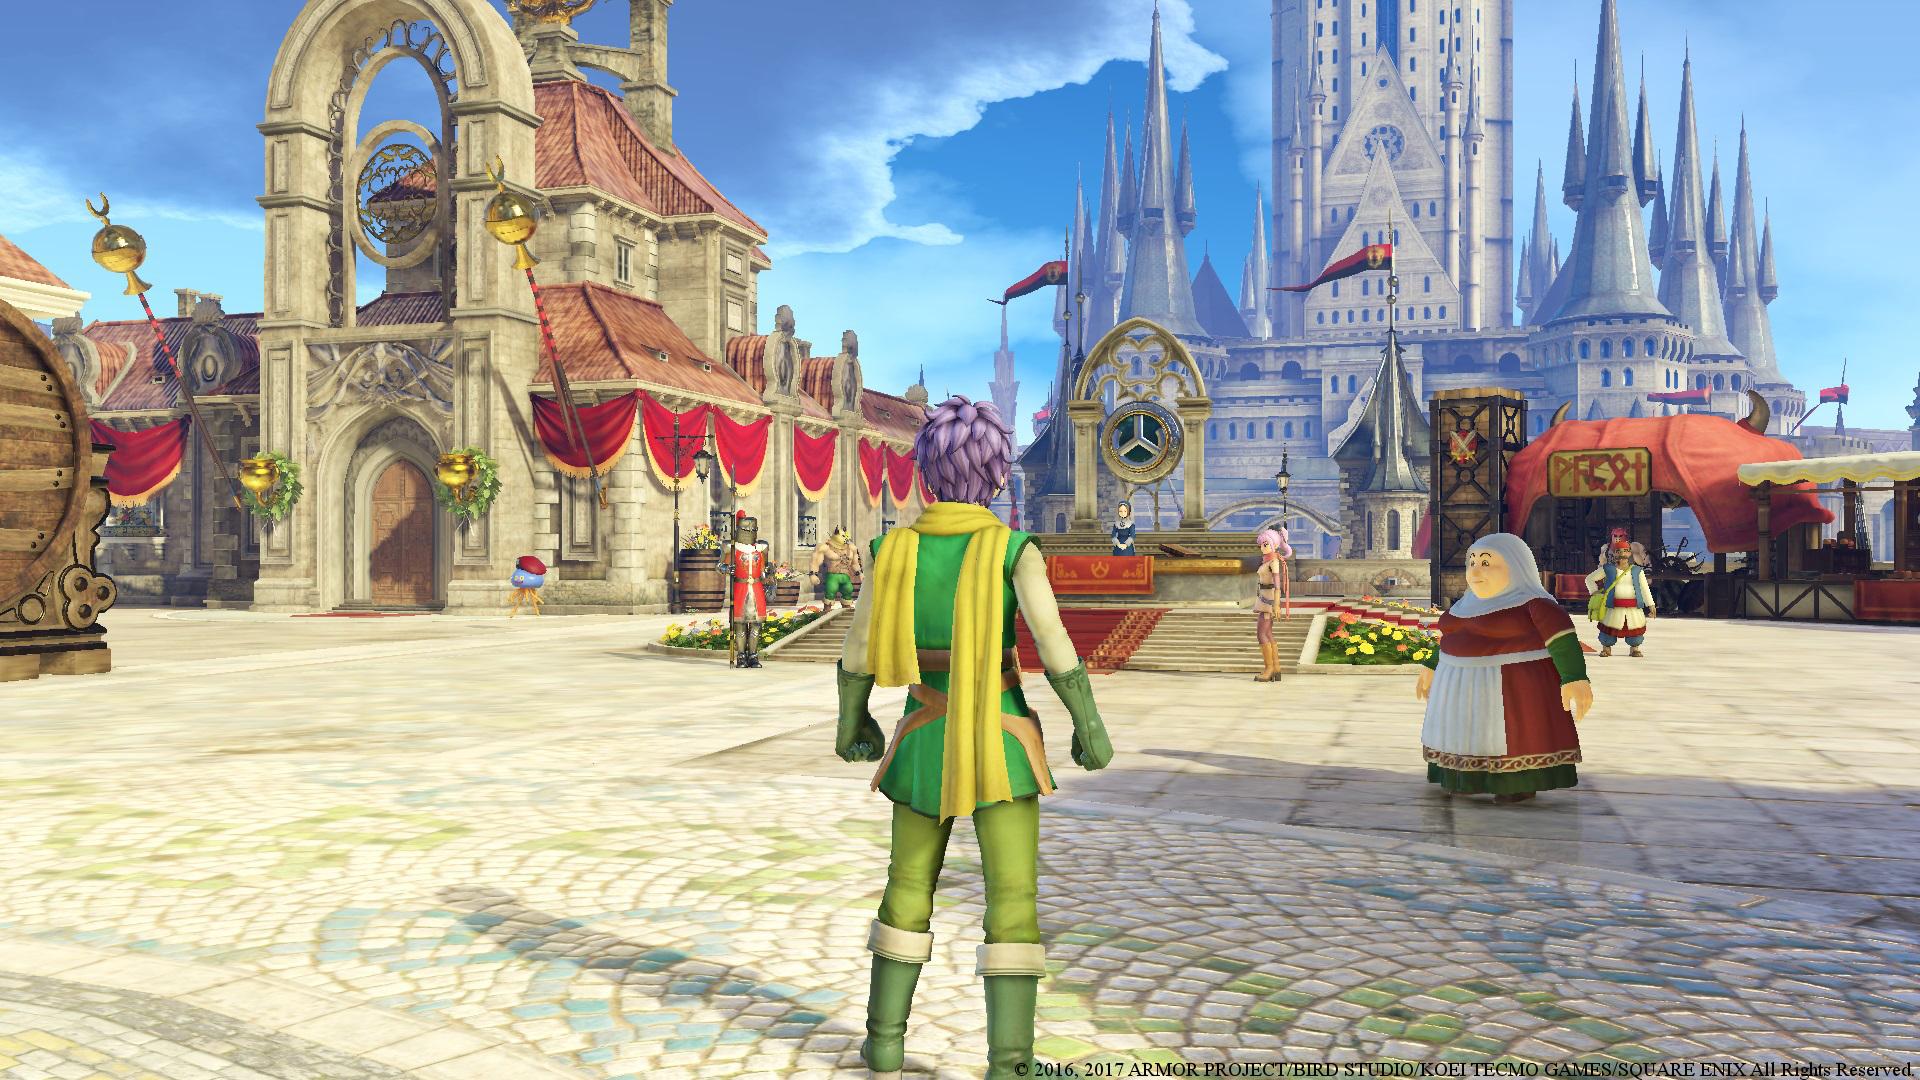 勇者斗恶龙:英雄2/Dragon Quest: Heroes Ⅱ插图9